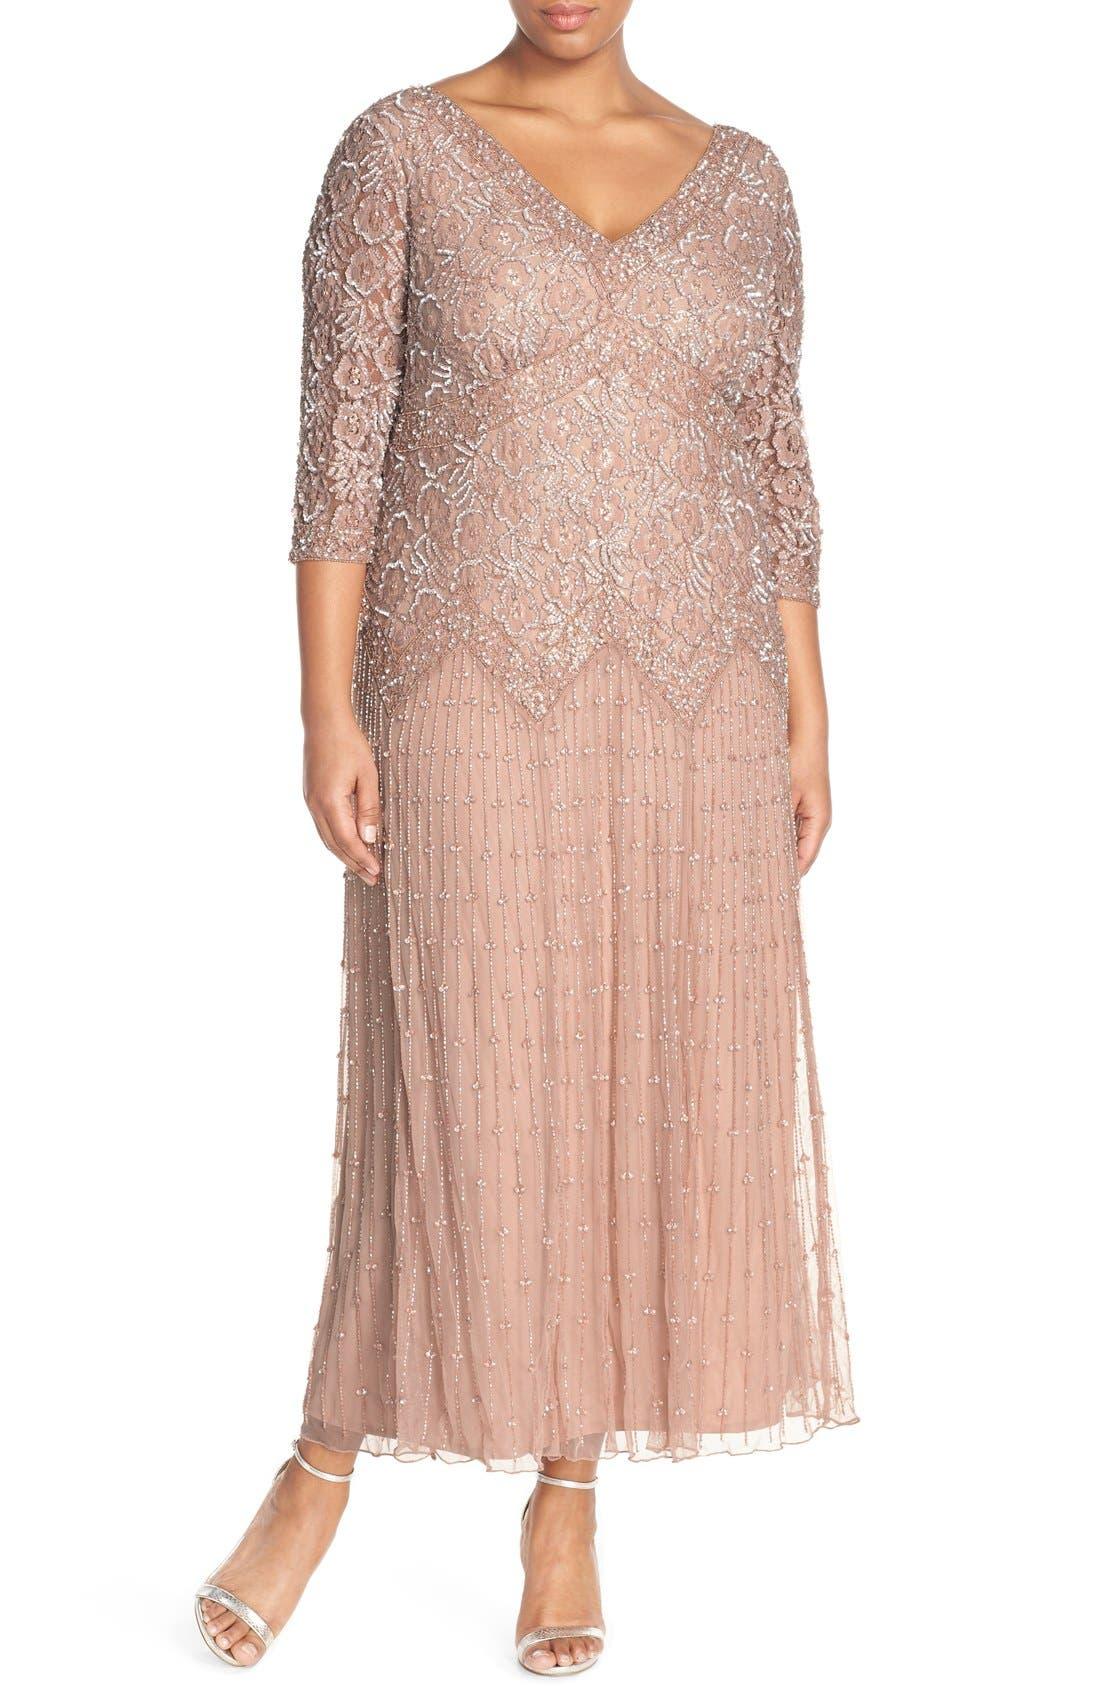 Plus Size Semi Formal Dresses Melbourne